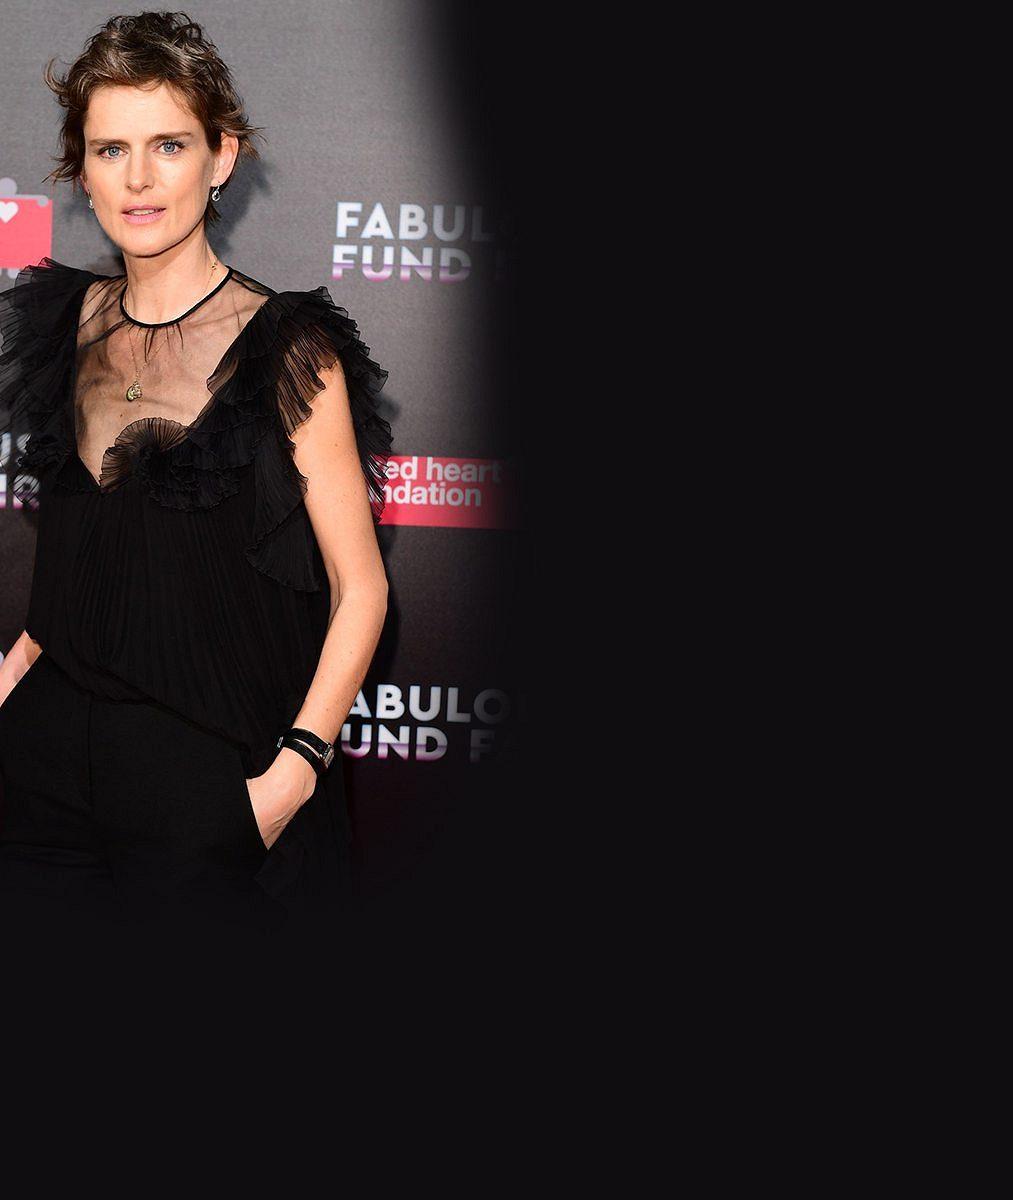 Modelingová hvězda amúza Karla Lagerfelda spáchala sebevraždu